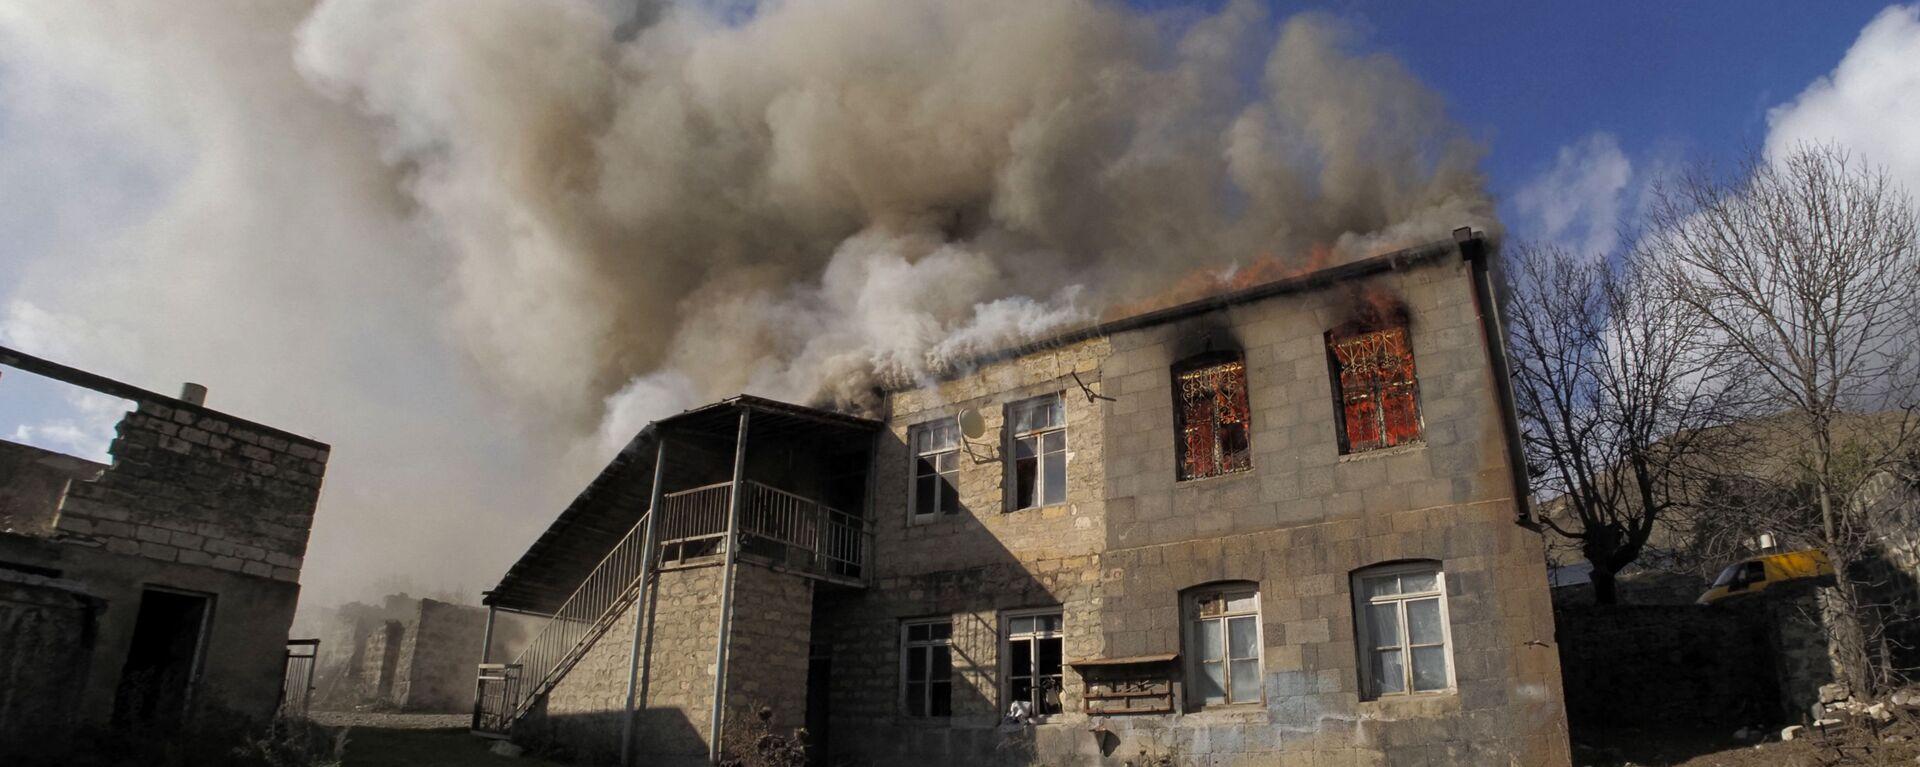 Una casa en llamas en la región de Kalbajar, Nagorno Karabaj - Sputnik Mundo, 1920, 24.06.2021